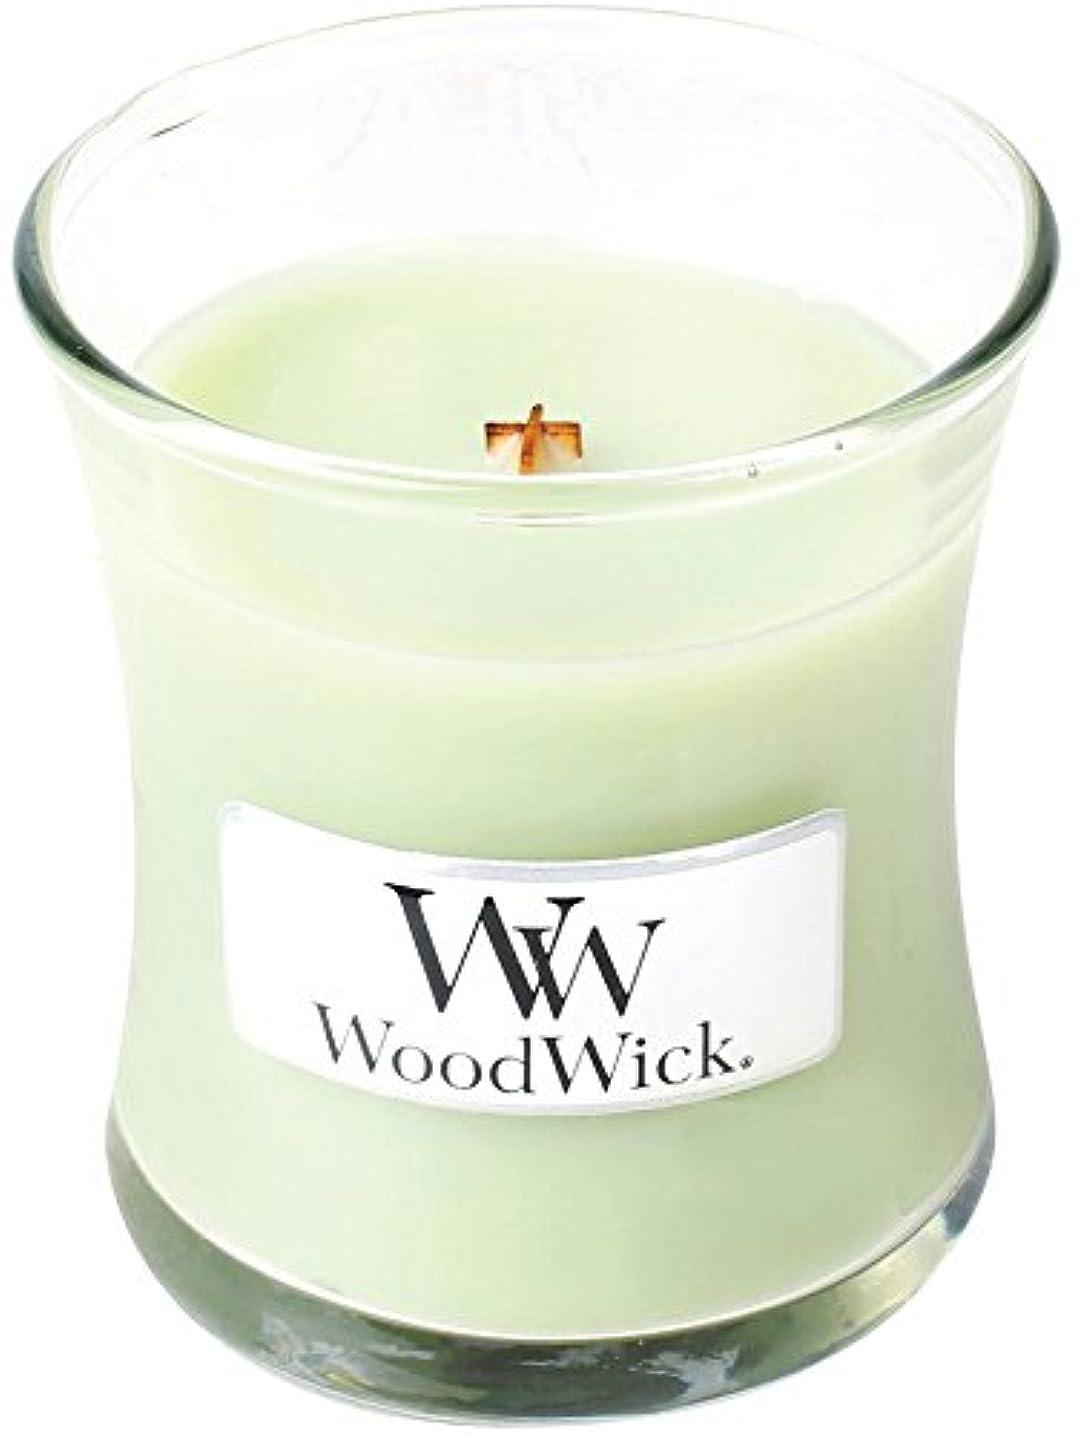 匹敵しますおじさん算術Wood Wick ウッドウィック ジャーキャンドルSサイズ ライムジェラー